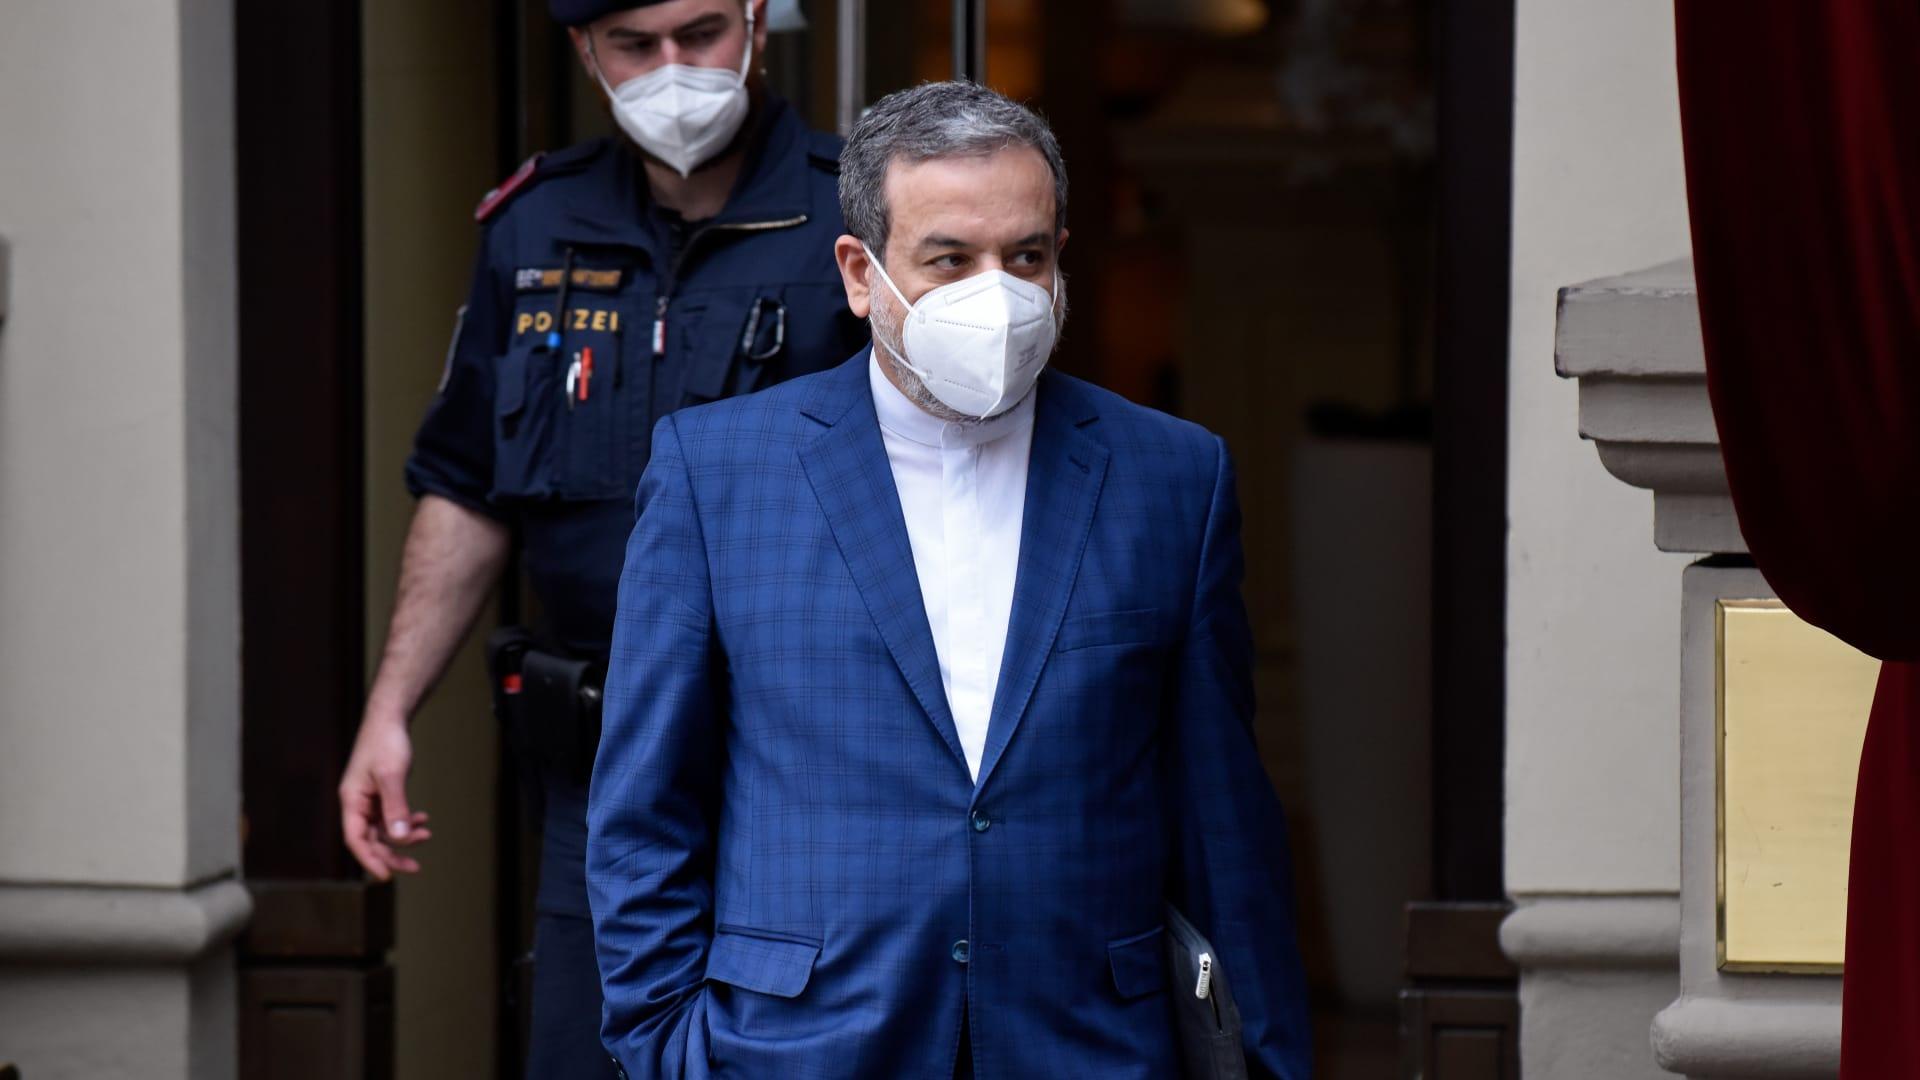 نائب وزير الخارجية الإيراني: أمريكا جادة في رفع العقوبات لكننا ننتظر الوفاء بمطالب أخرى